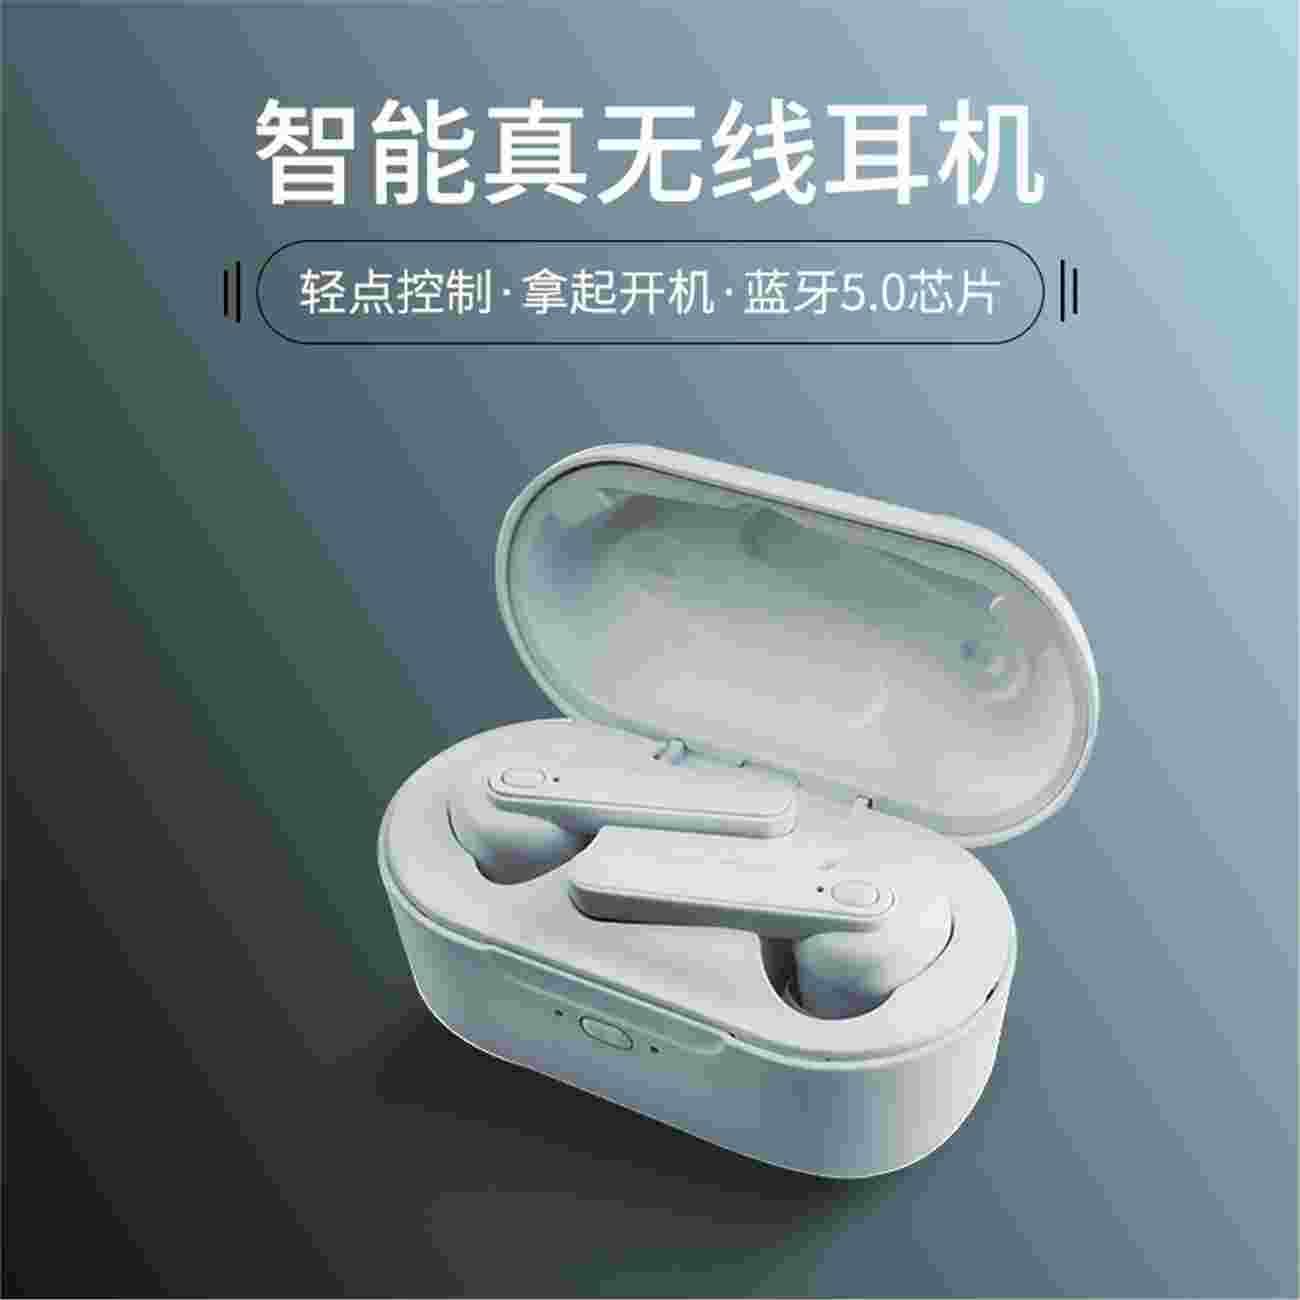 8BK-Q88TWS蓝牙耳机  支持定做/贴牌/力量威蓝牙耳机生产厂家